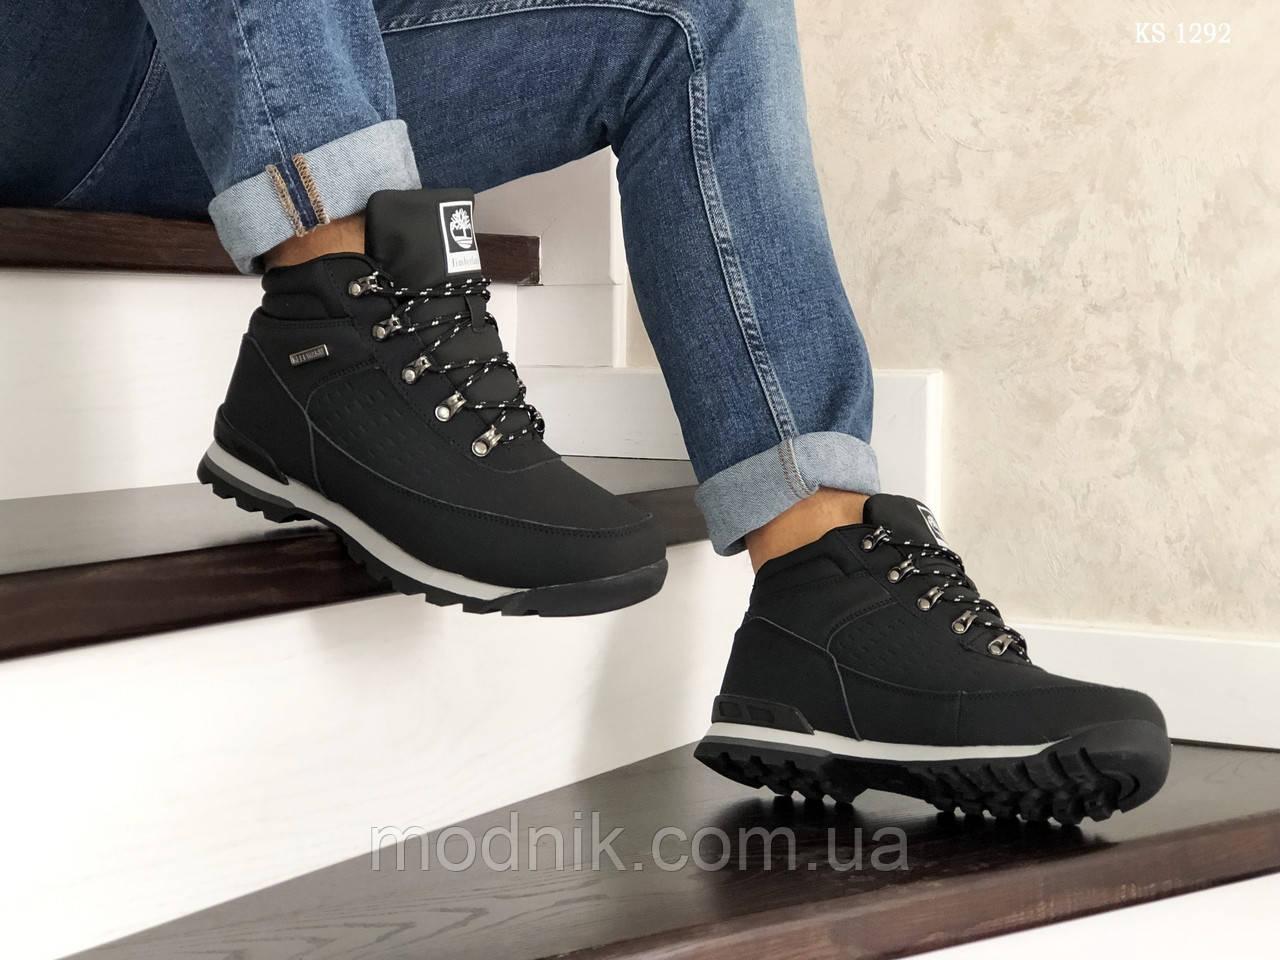 Мужские зимние ботинки Timberland (черные)